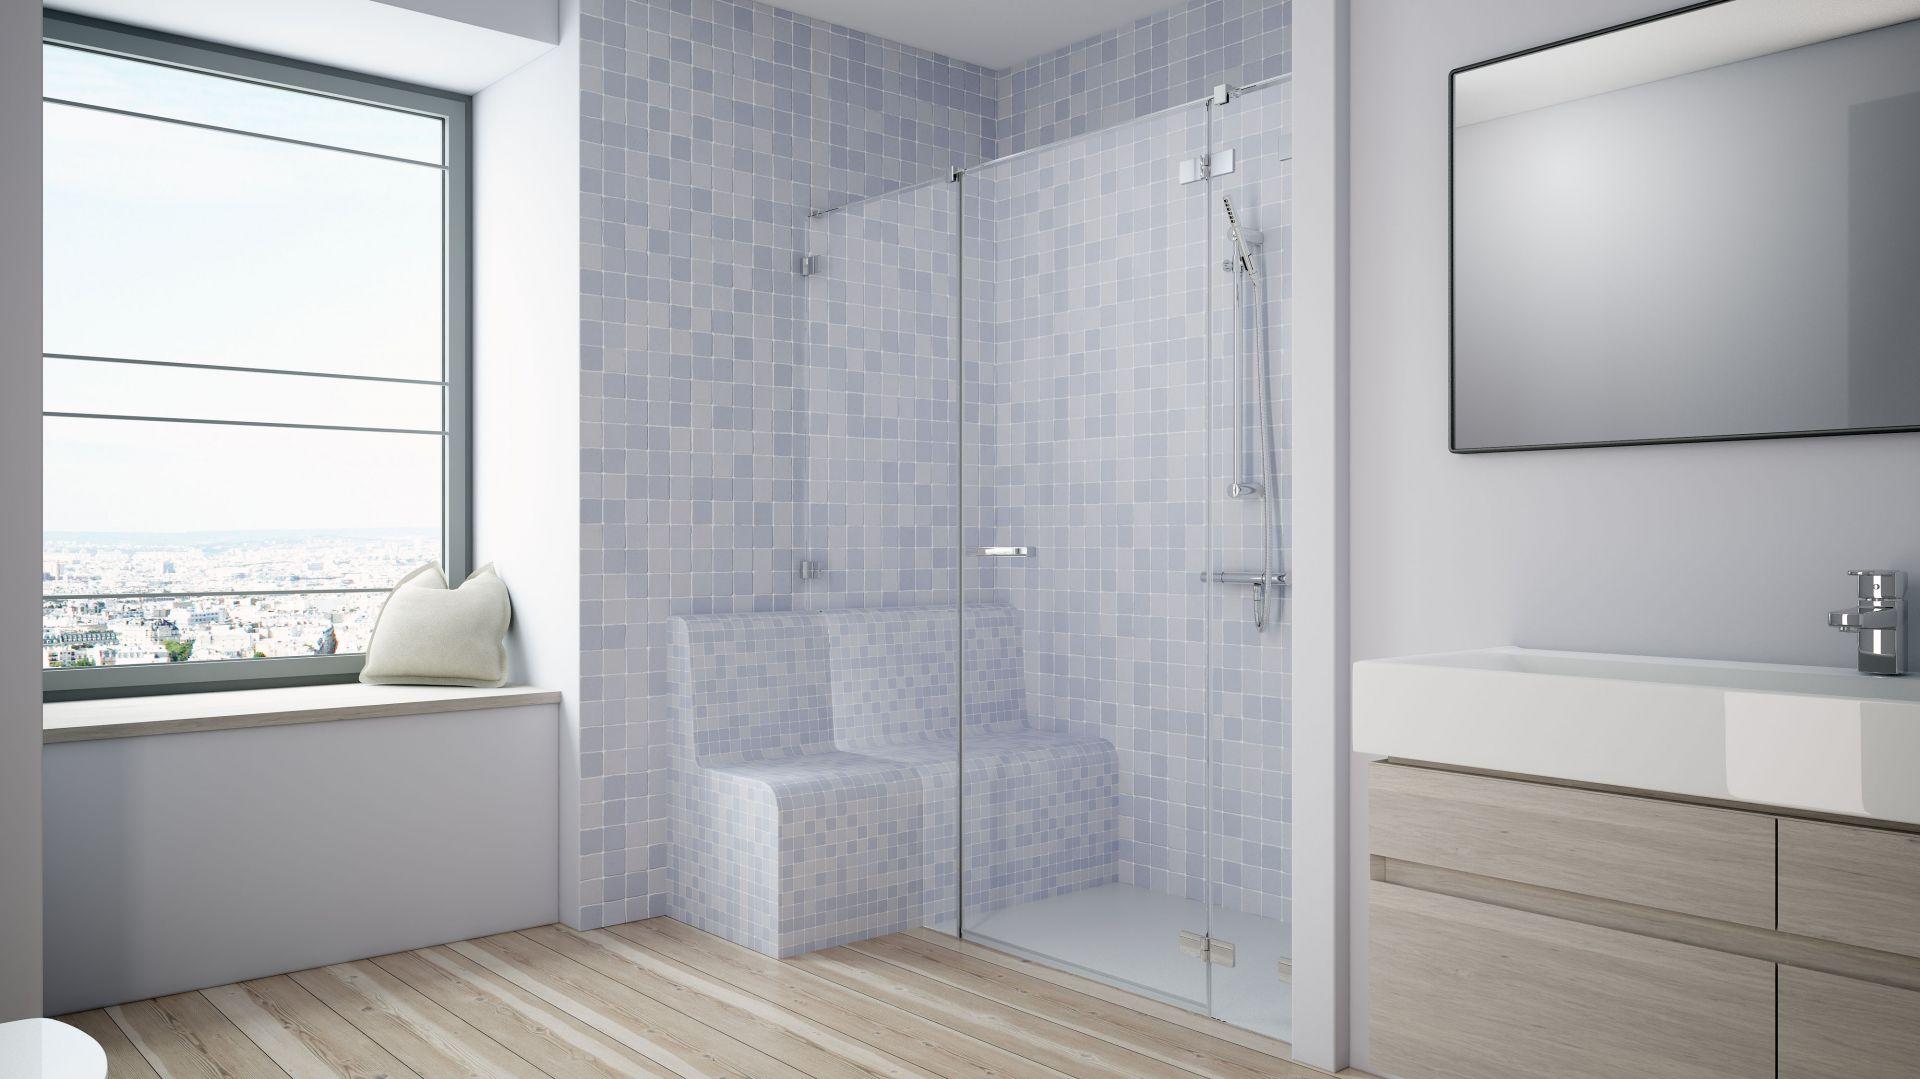 Łazienka dla seniora z bezprogową strefą prysznica i wygodnym siedziskiem oraz dopasowaną do niego kabiną prysznicową Euphoria DWJ+S. Fot. Radaway